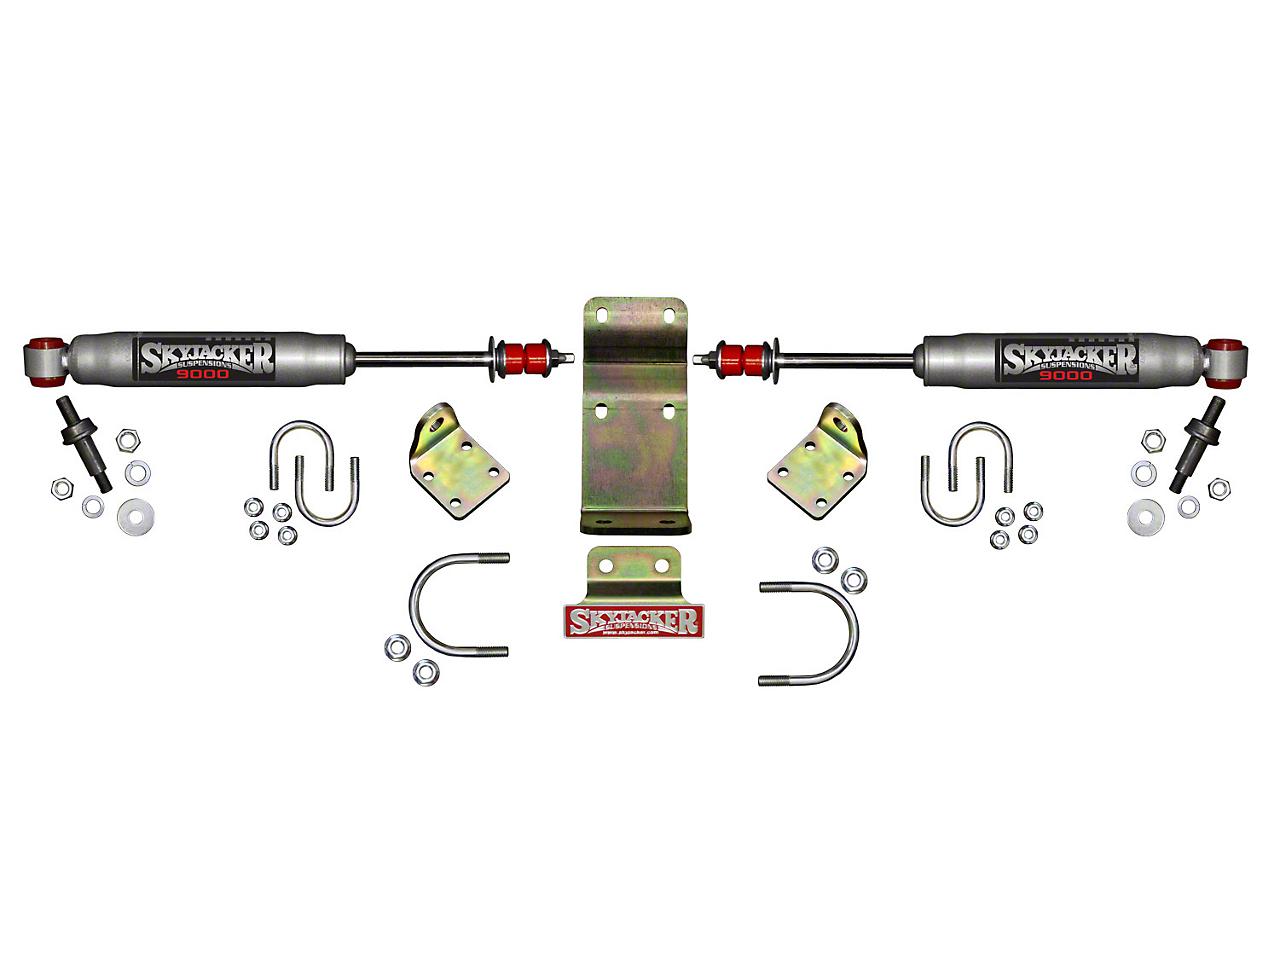 SkyJacker Silver 9000 High Clearance Dual Steering Stabilizer Kit (07-18 Jeep Wrangler JK)